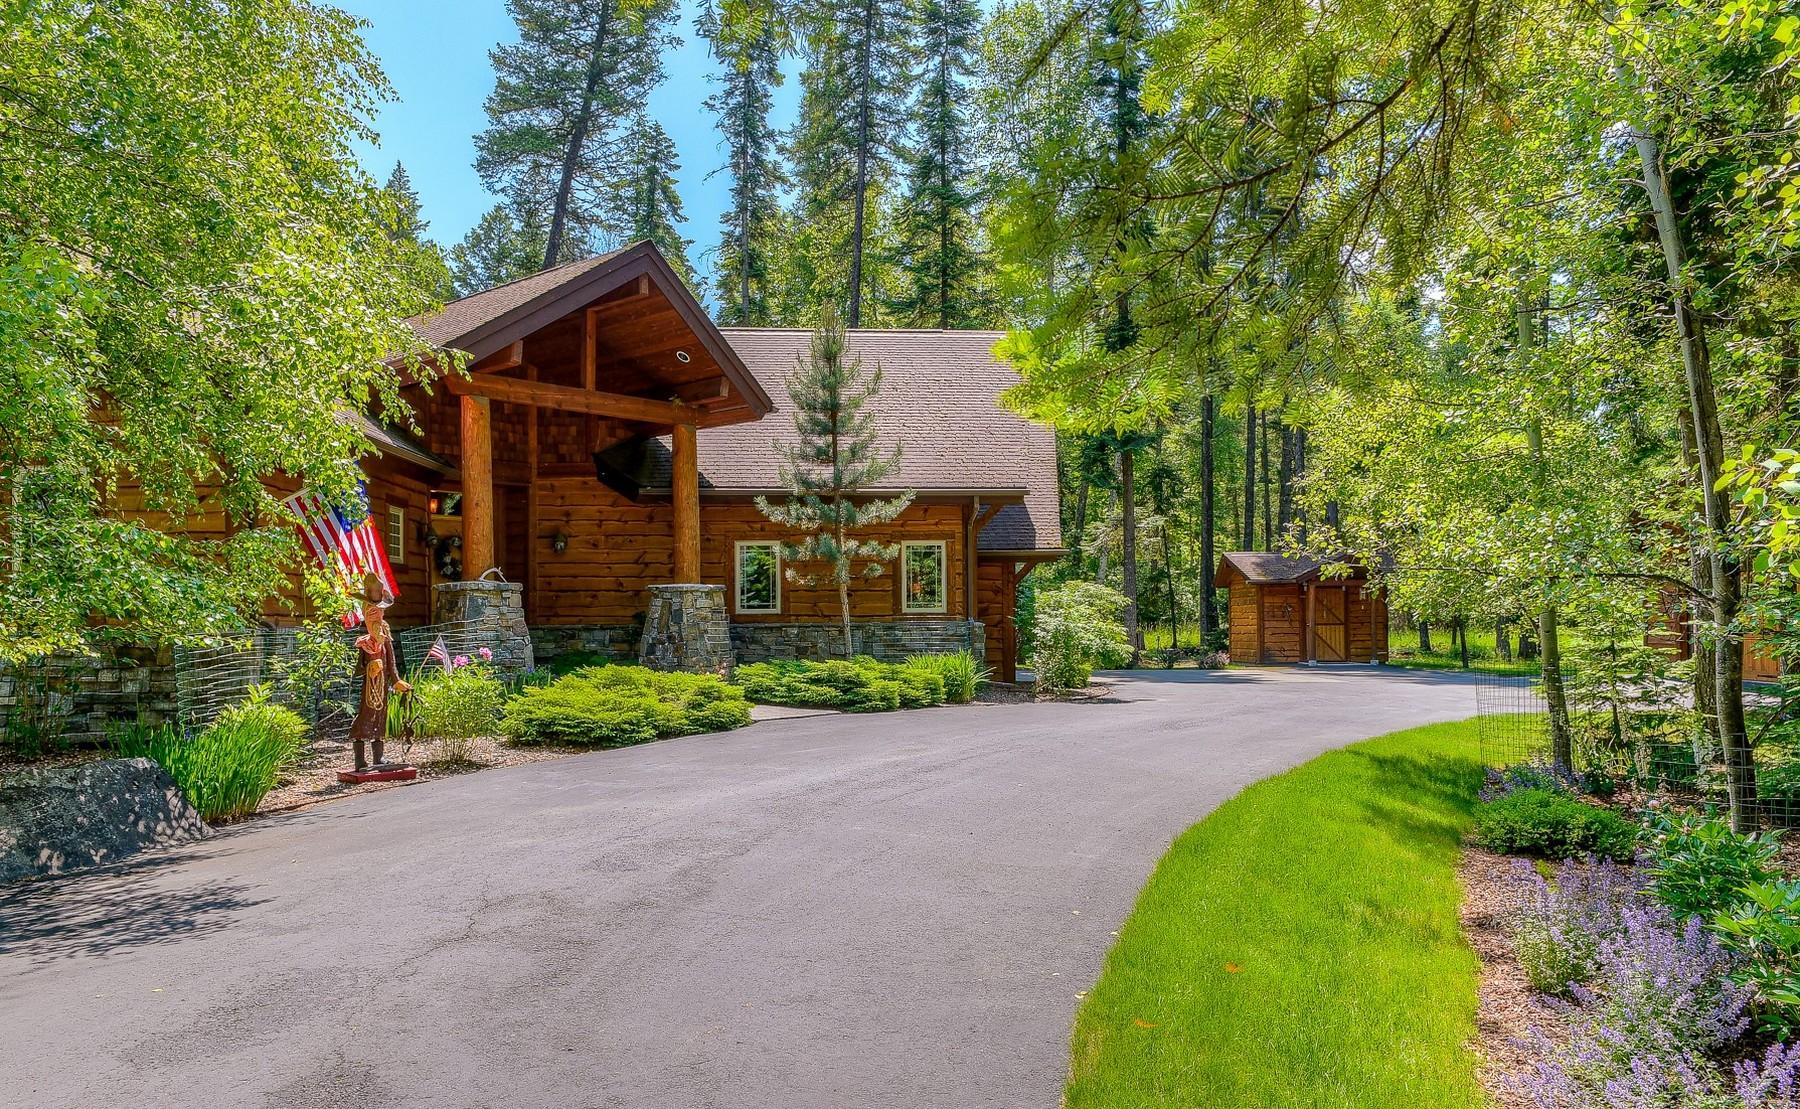 一戸建て のために 売買 アット 12336 Swan , Bigfork, MT 59911 12336 Swan Bigfork, モンタナ, 59911 アメリカ合衆国